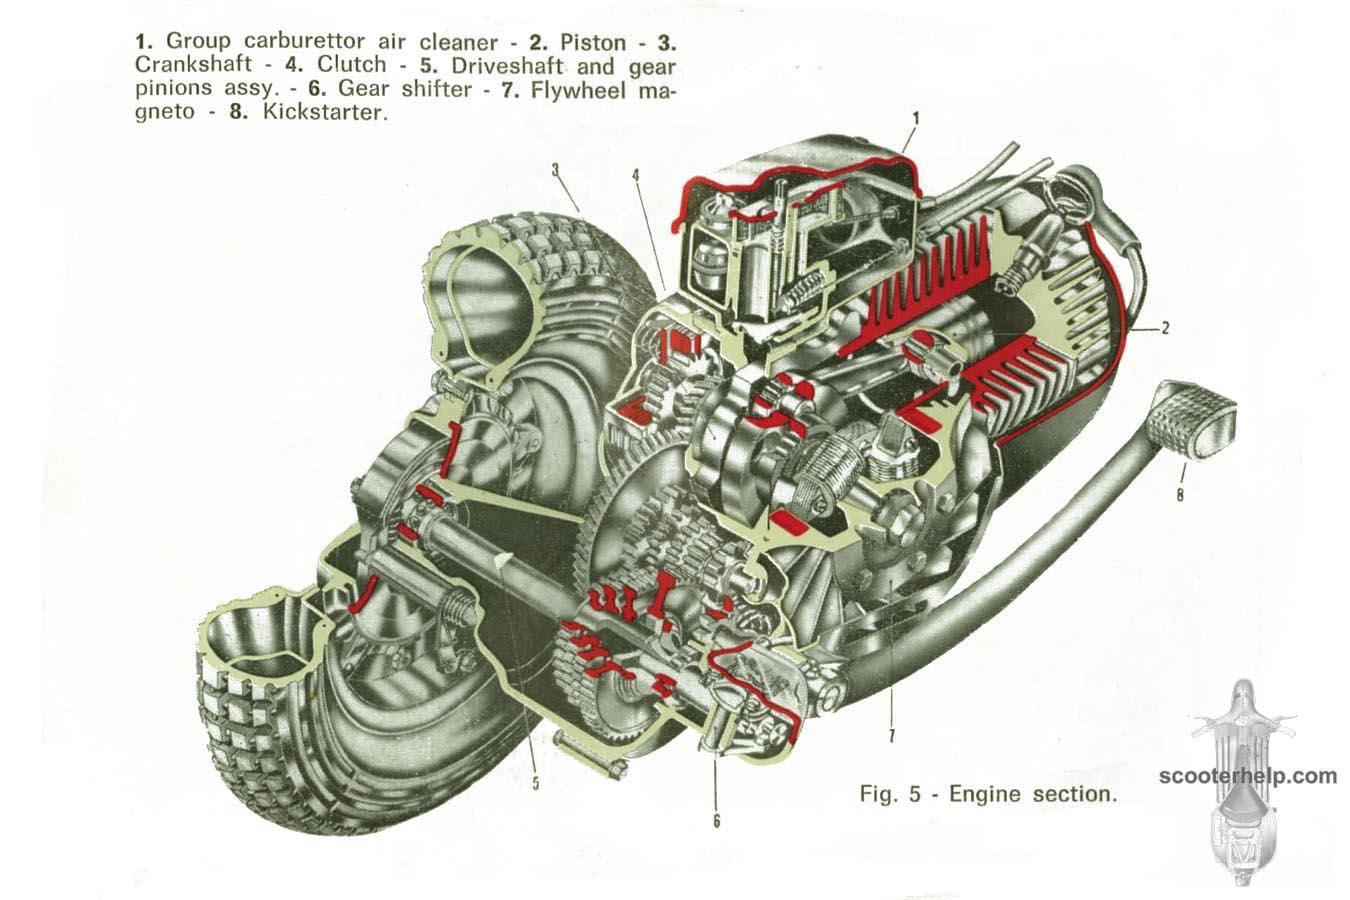 12 vespa rally 200 owner's manual 1978 vespa piaggio motor diagram at n-0.co